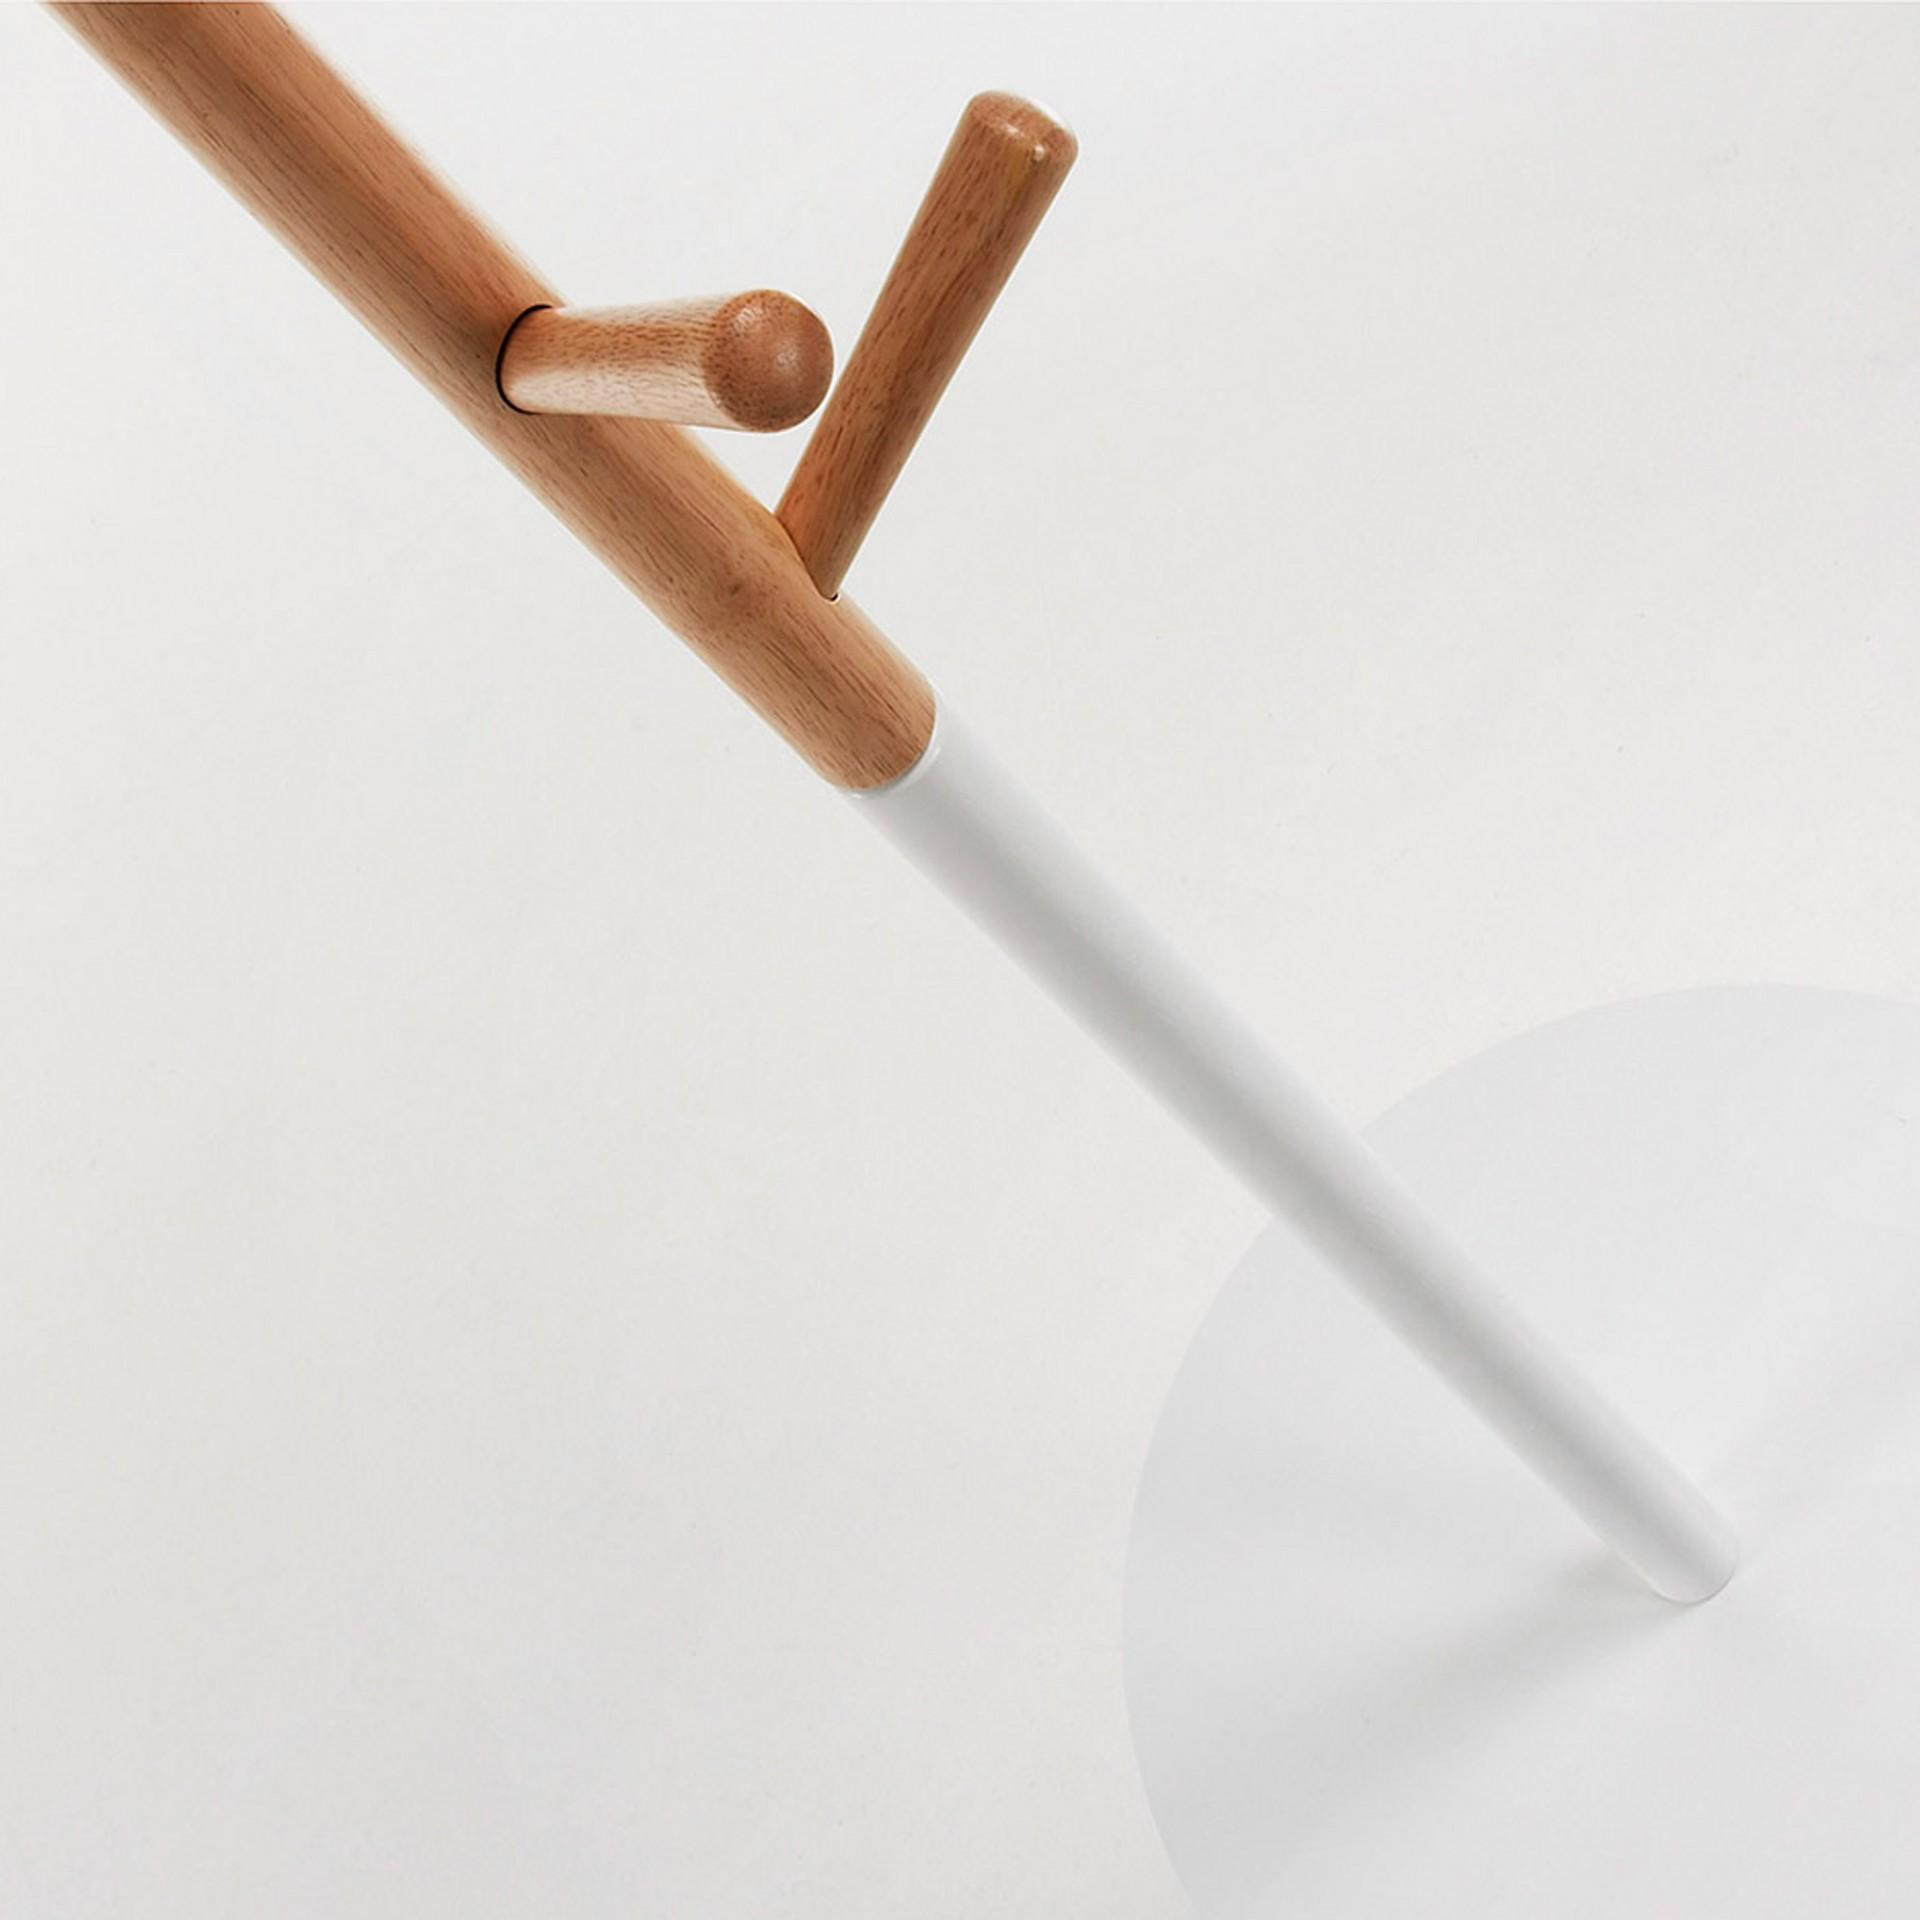 Cabide de pé em madeira de seringueira, Ø40x170